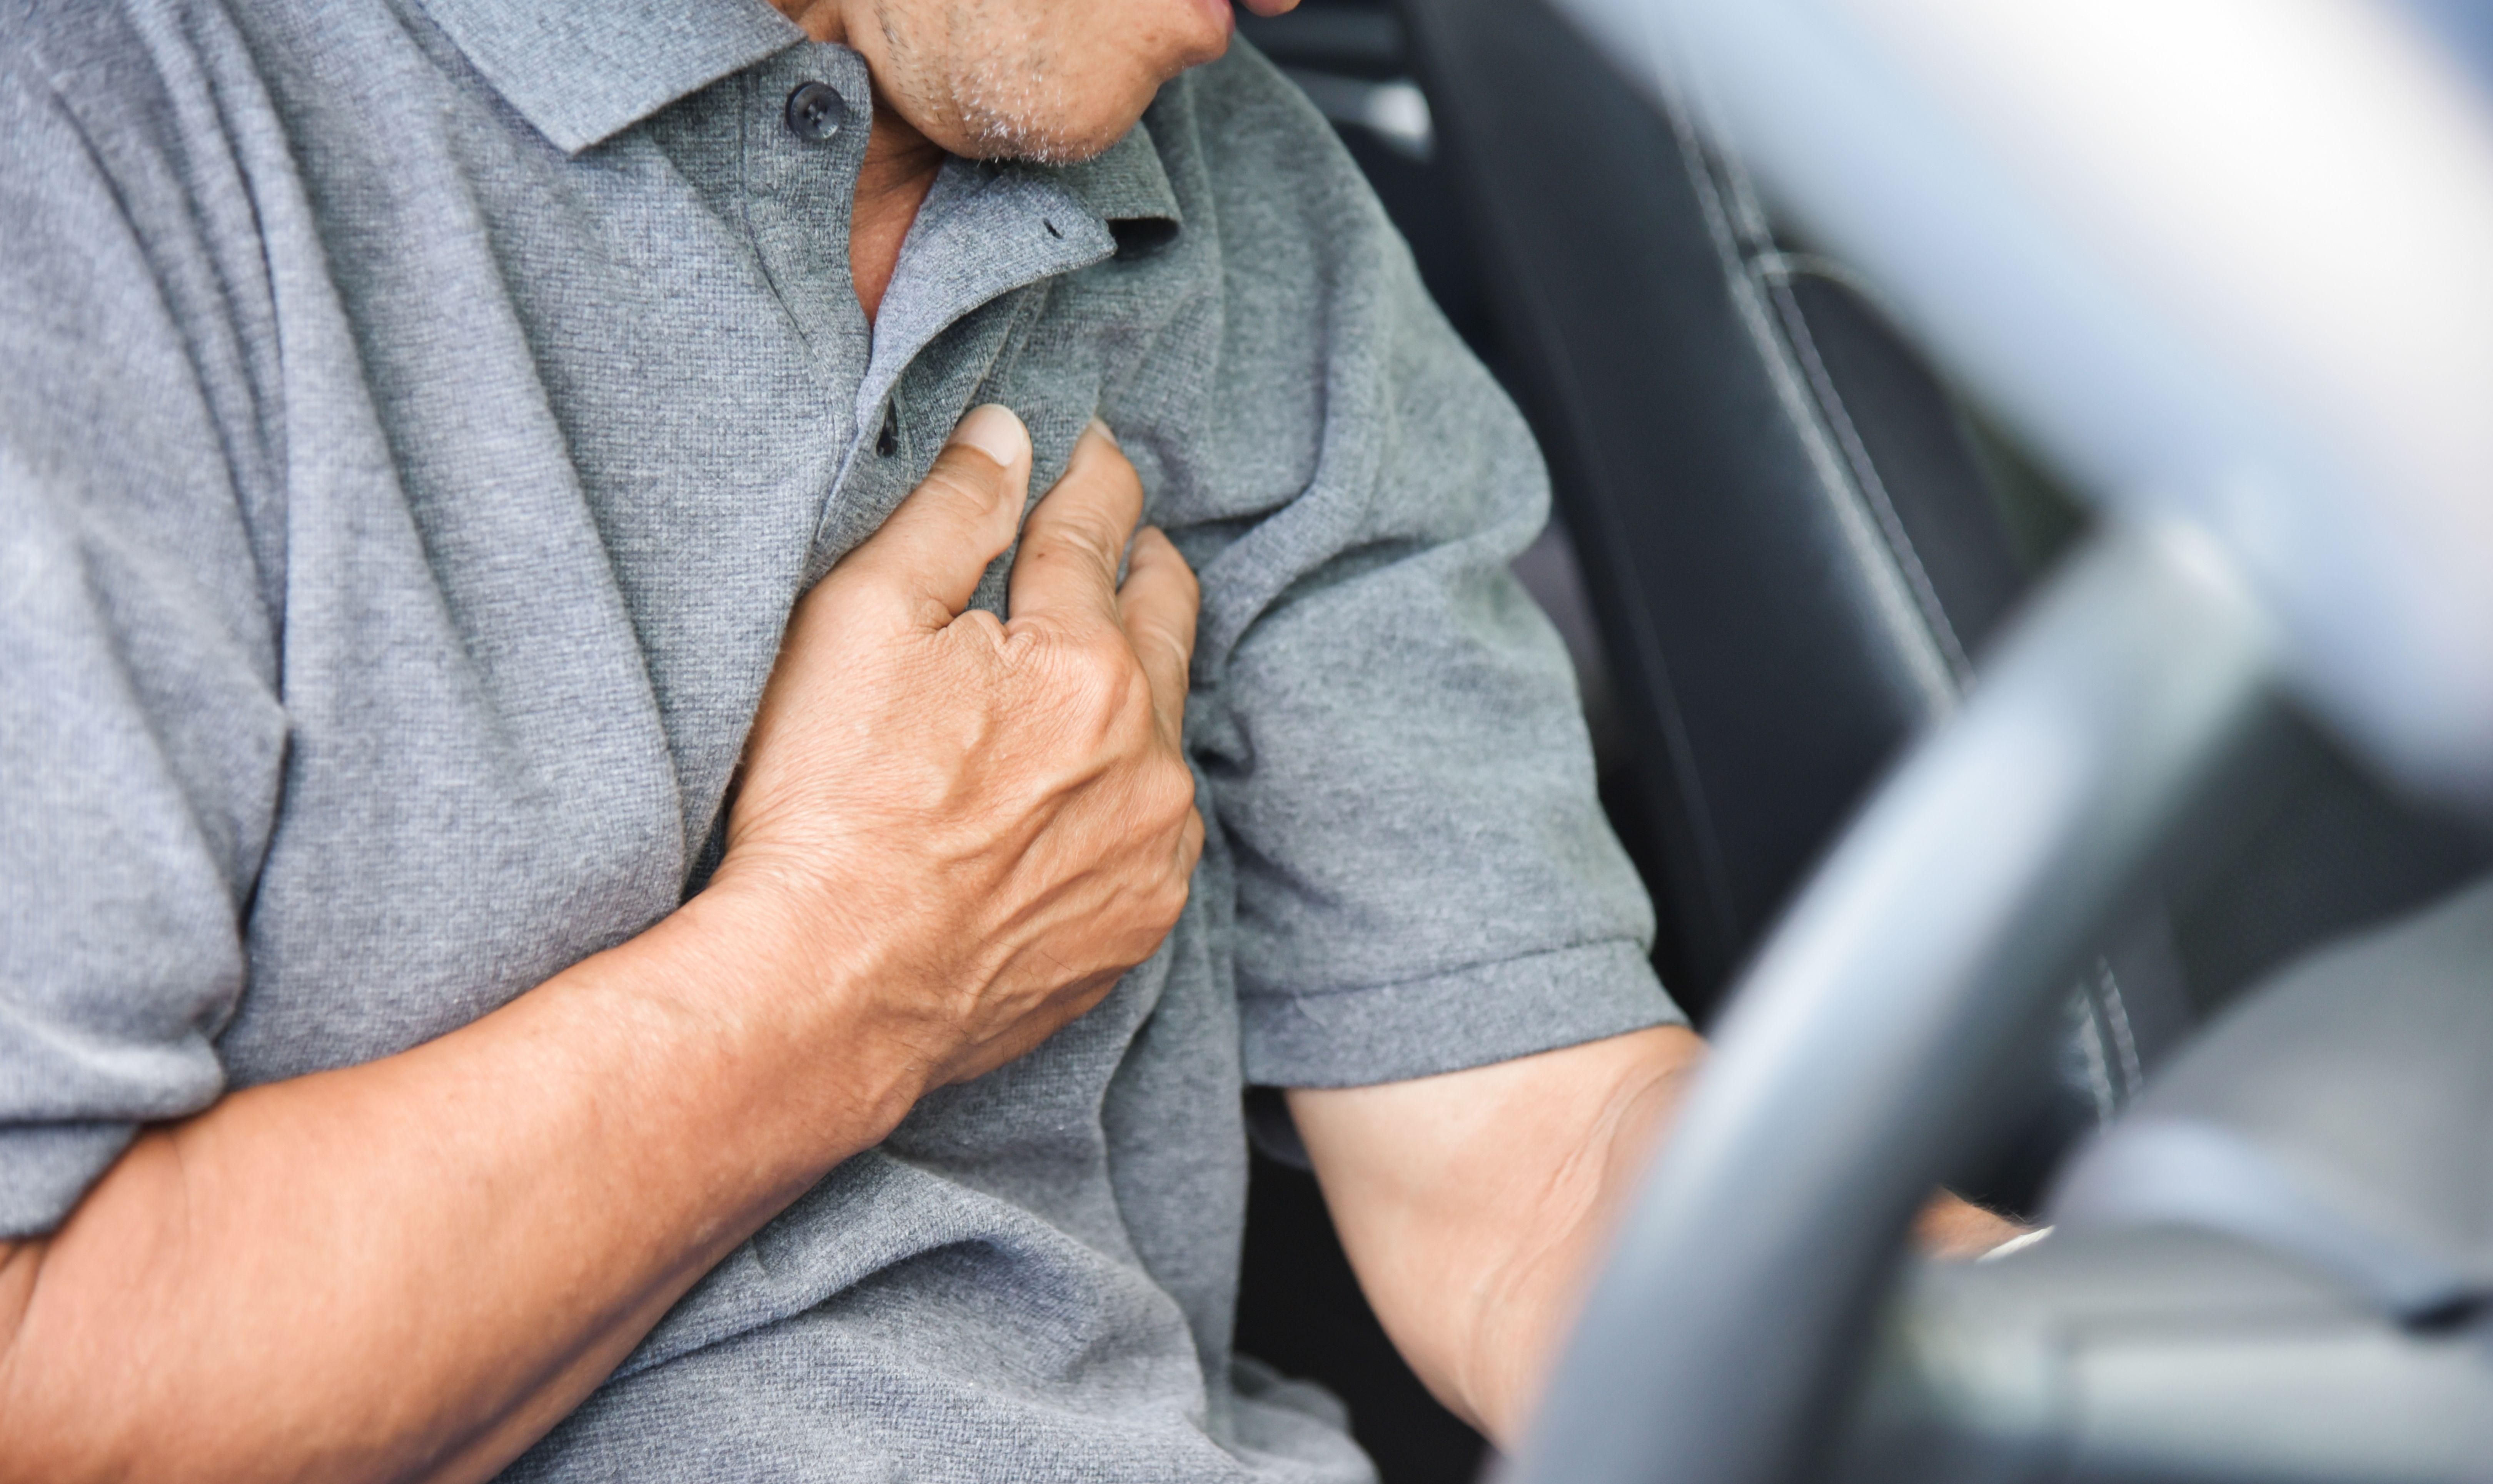 למה מערכות בטיחות ברכב כיום, פשוט לא מספיקות?